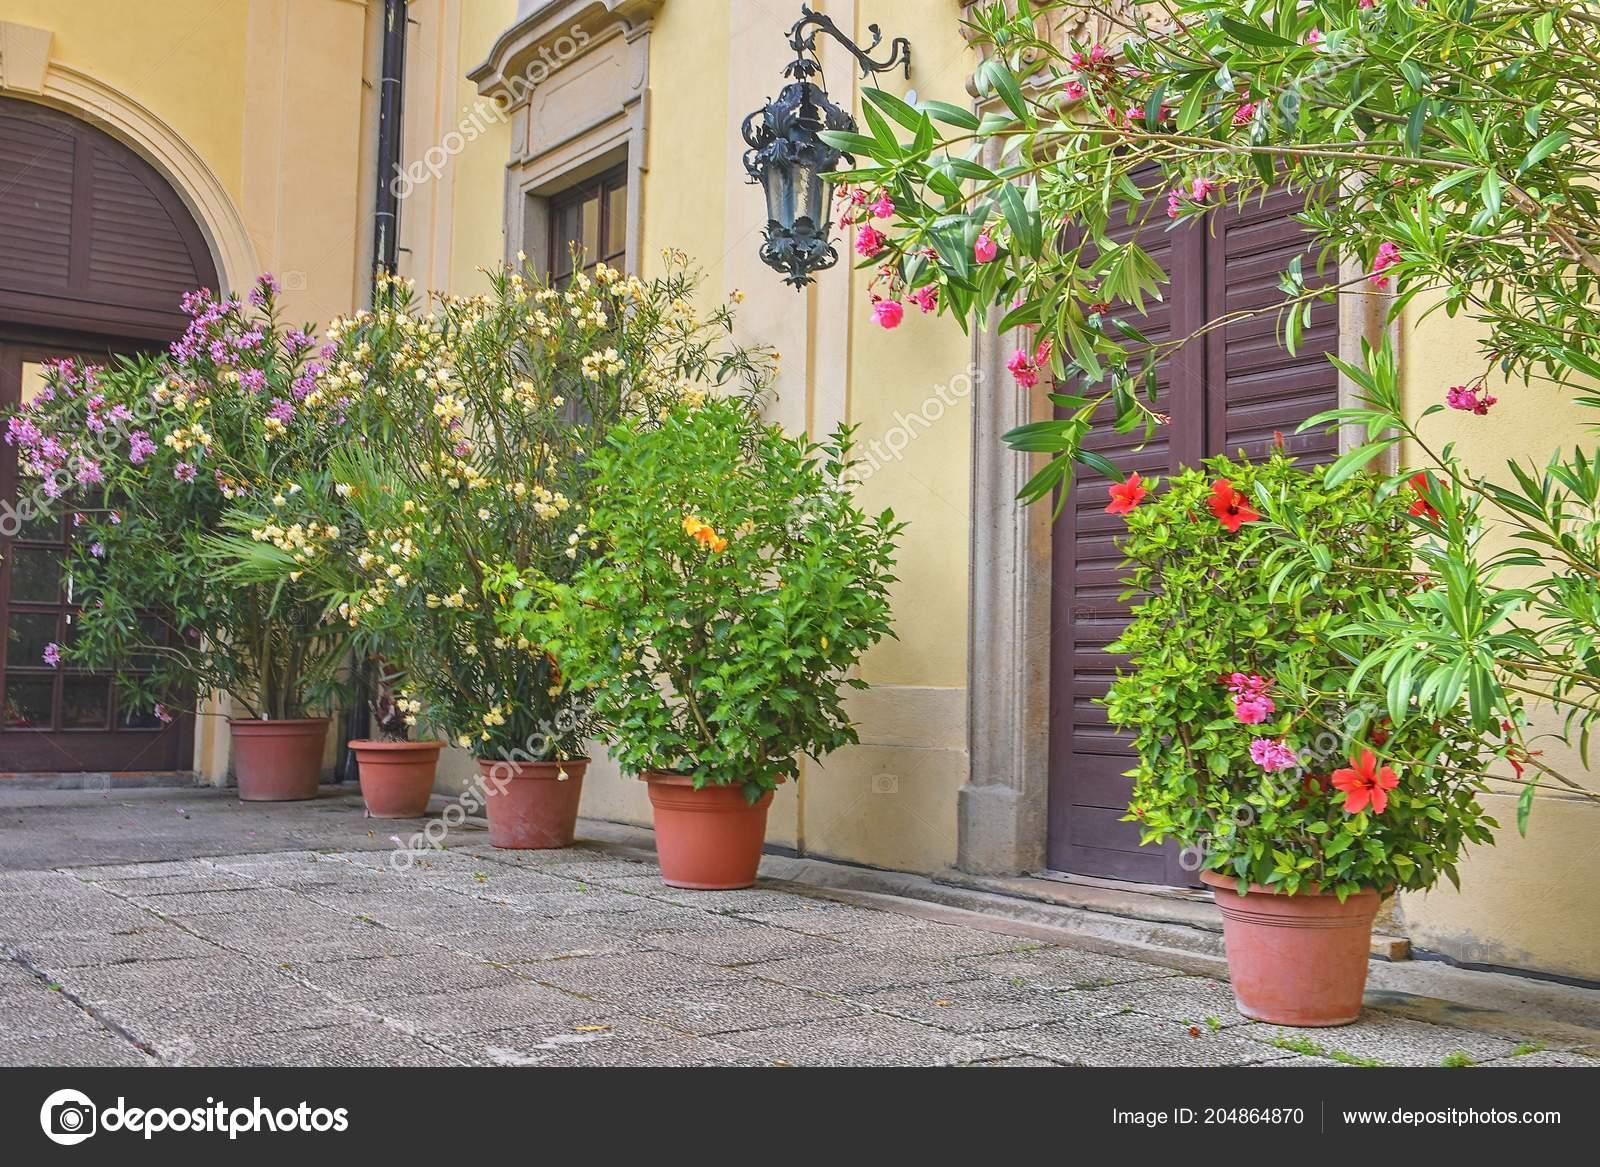 Arquitectura Historica Y Jardin Pequeno Estilo De Jardin Flores En